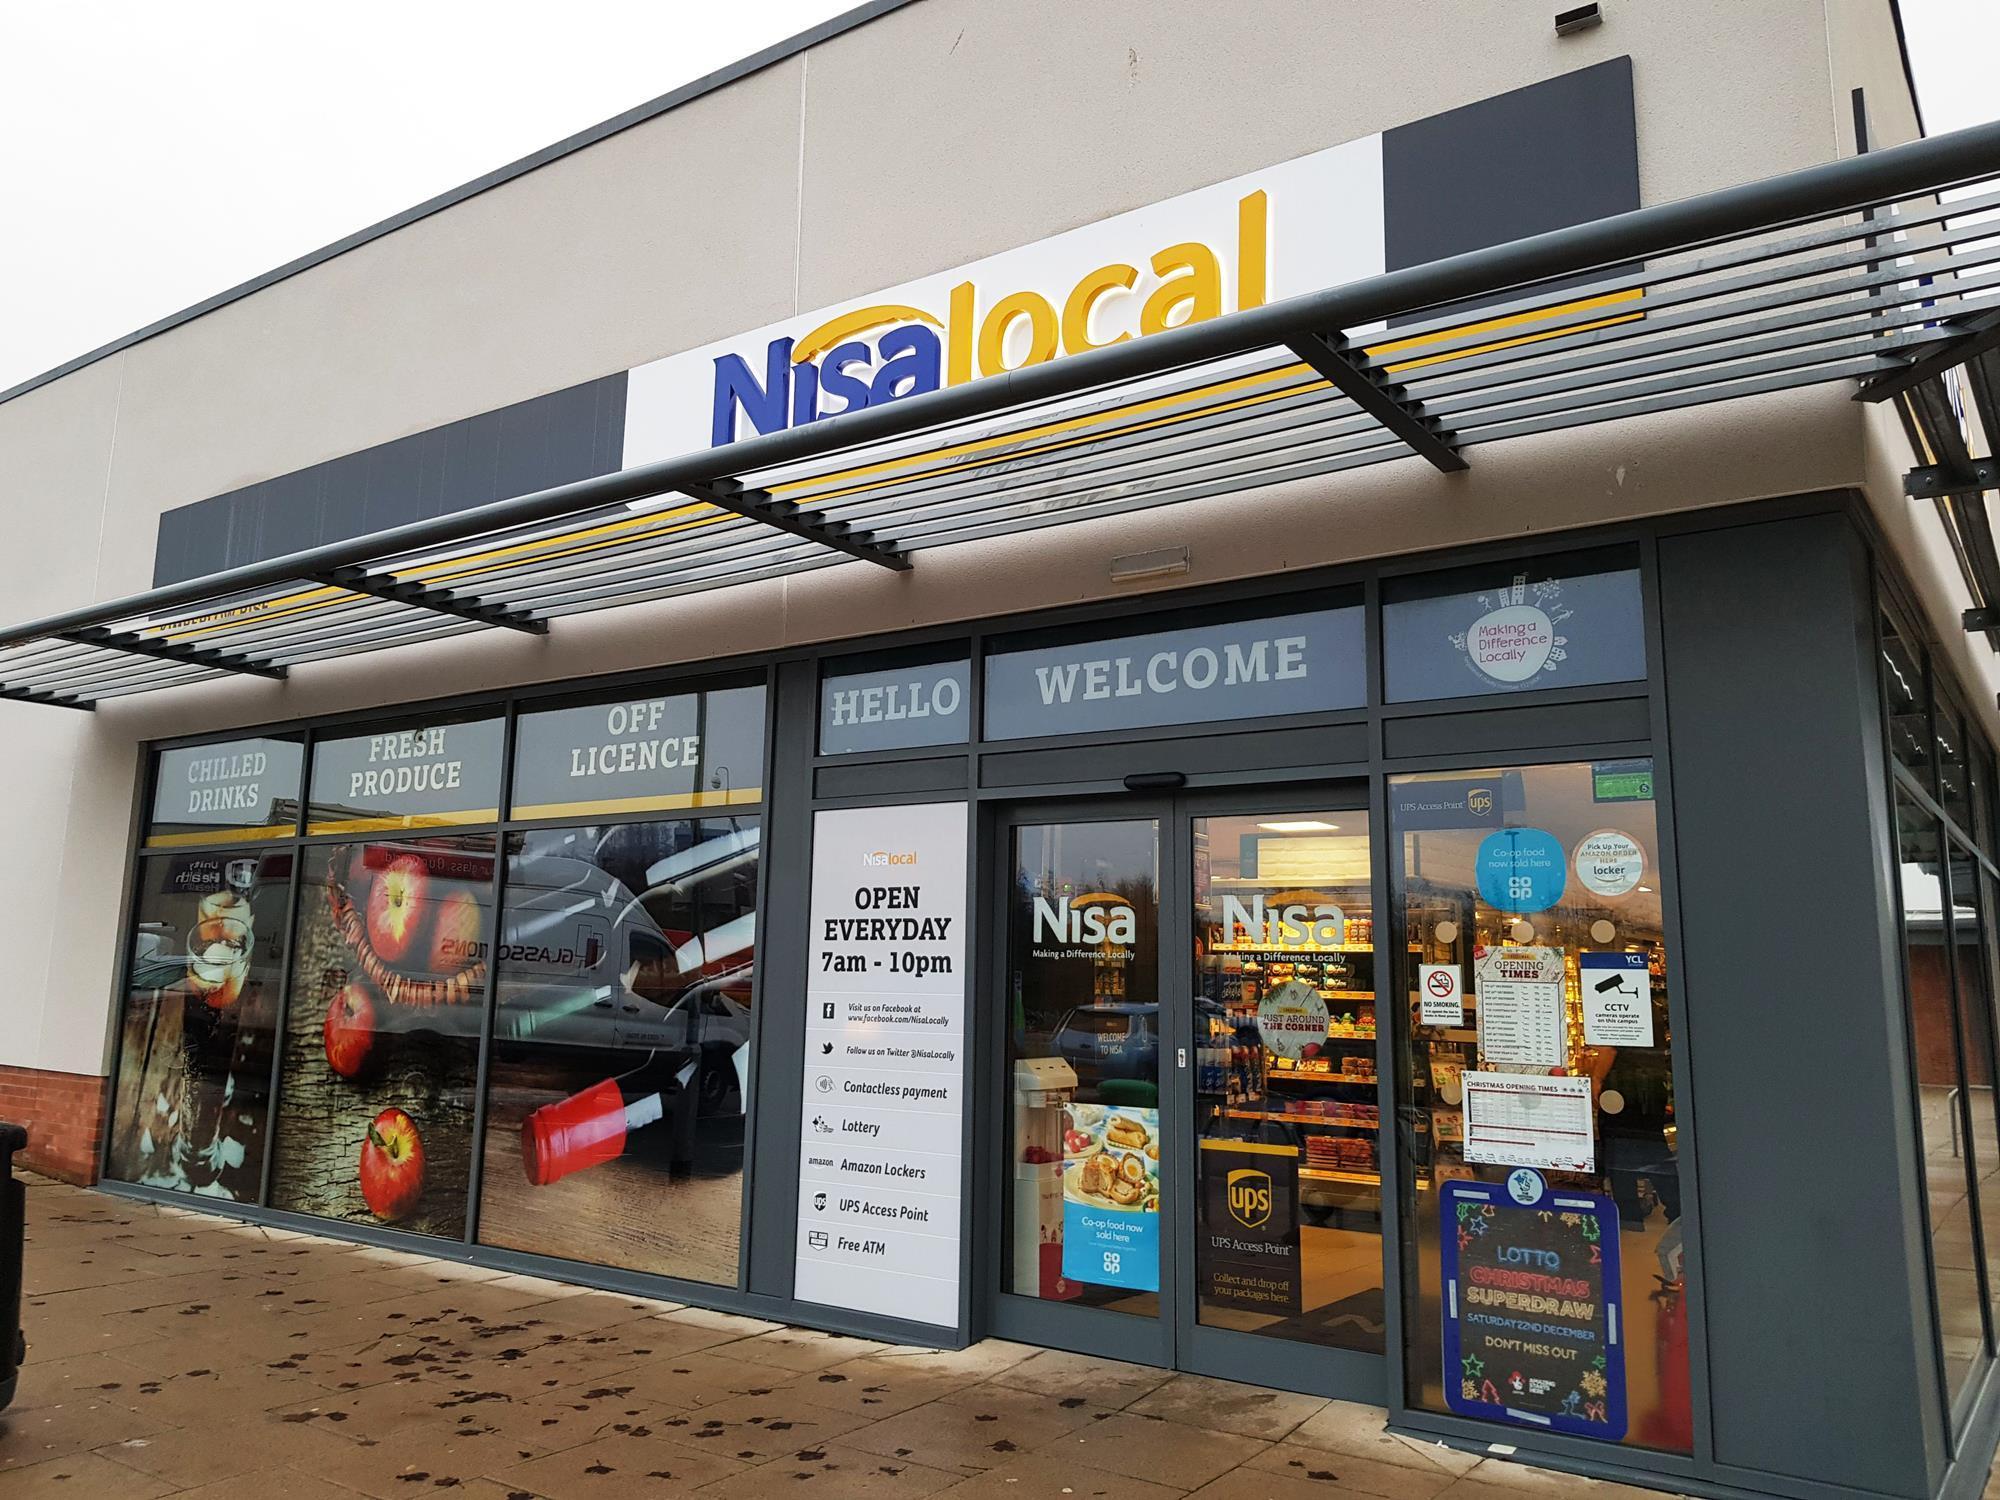 CRA 2019 Best New Store finalist: Nisa Kimberlow Rise, York